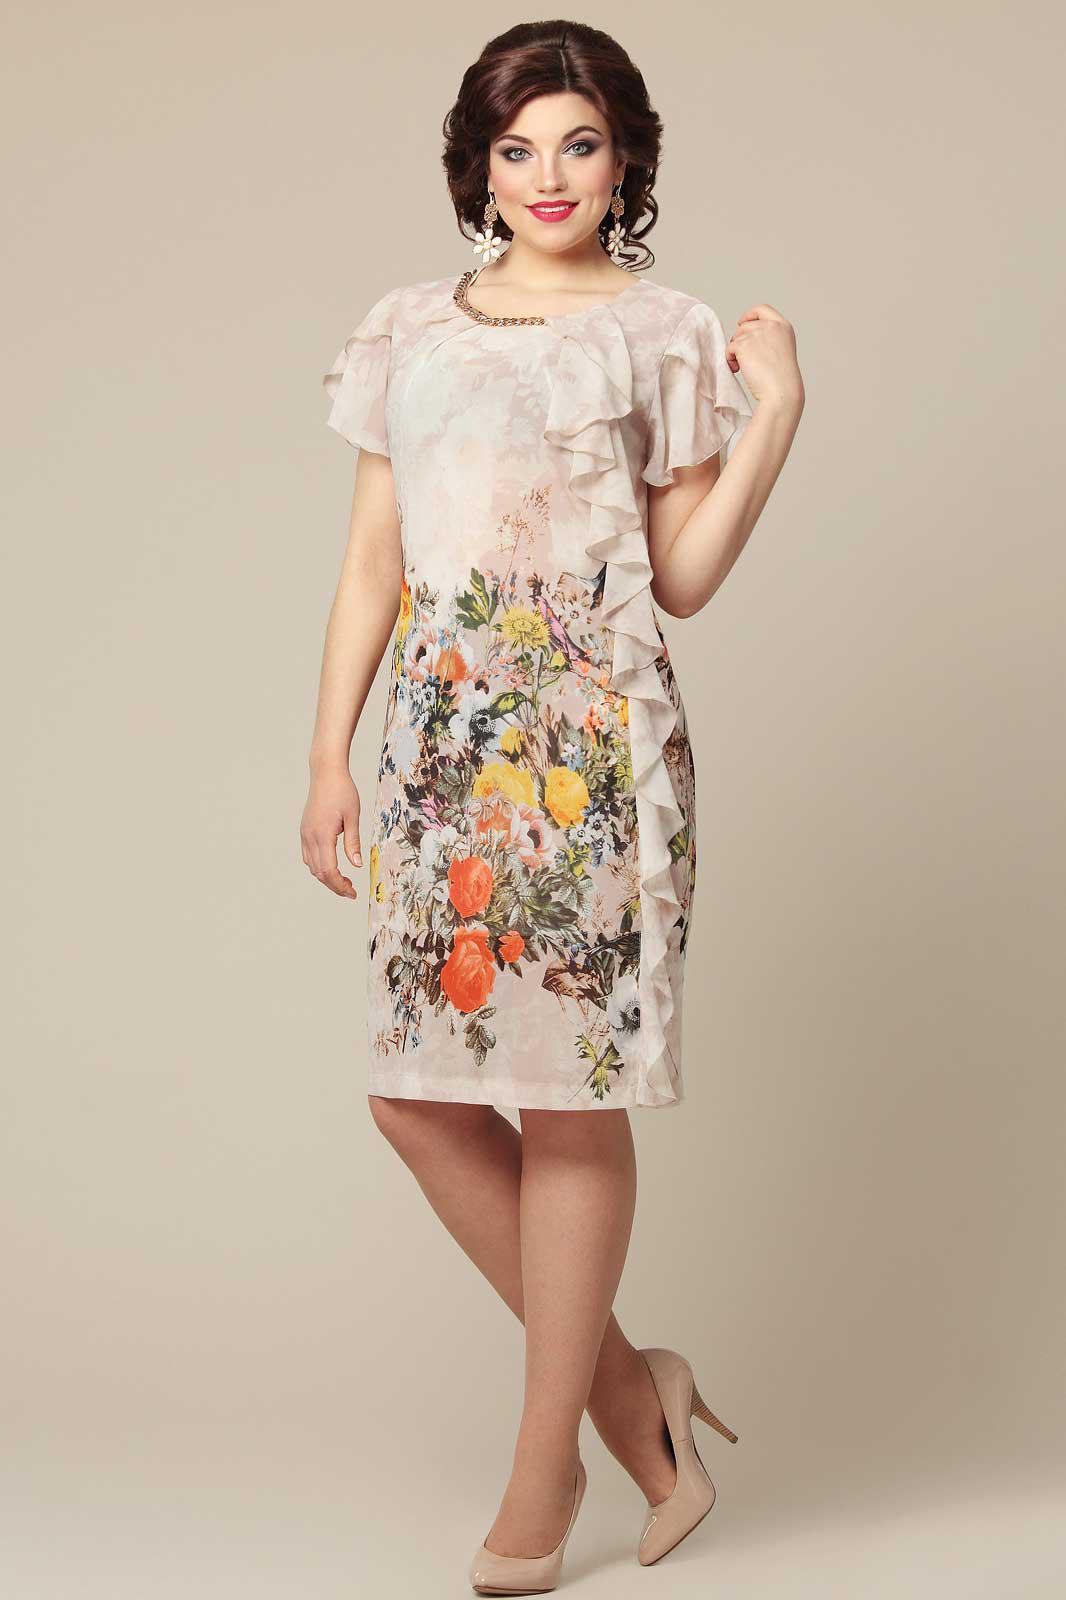 Купить Одежду Из Белоруссии В Интернет Магазине